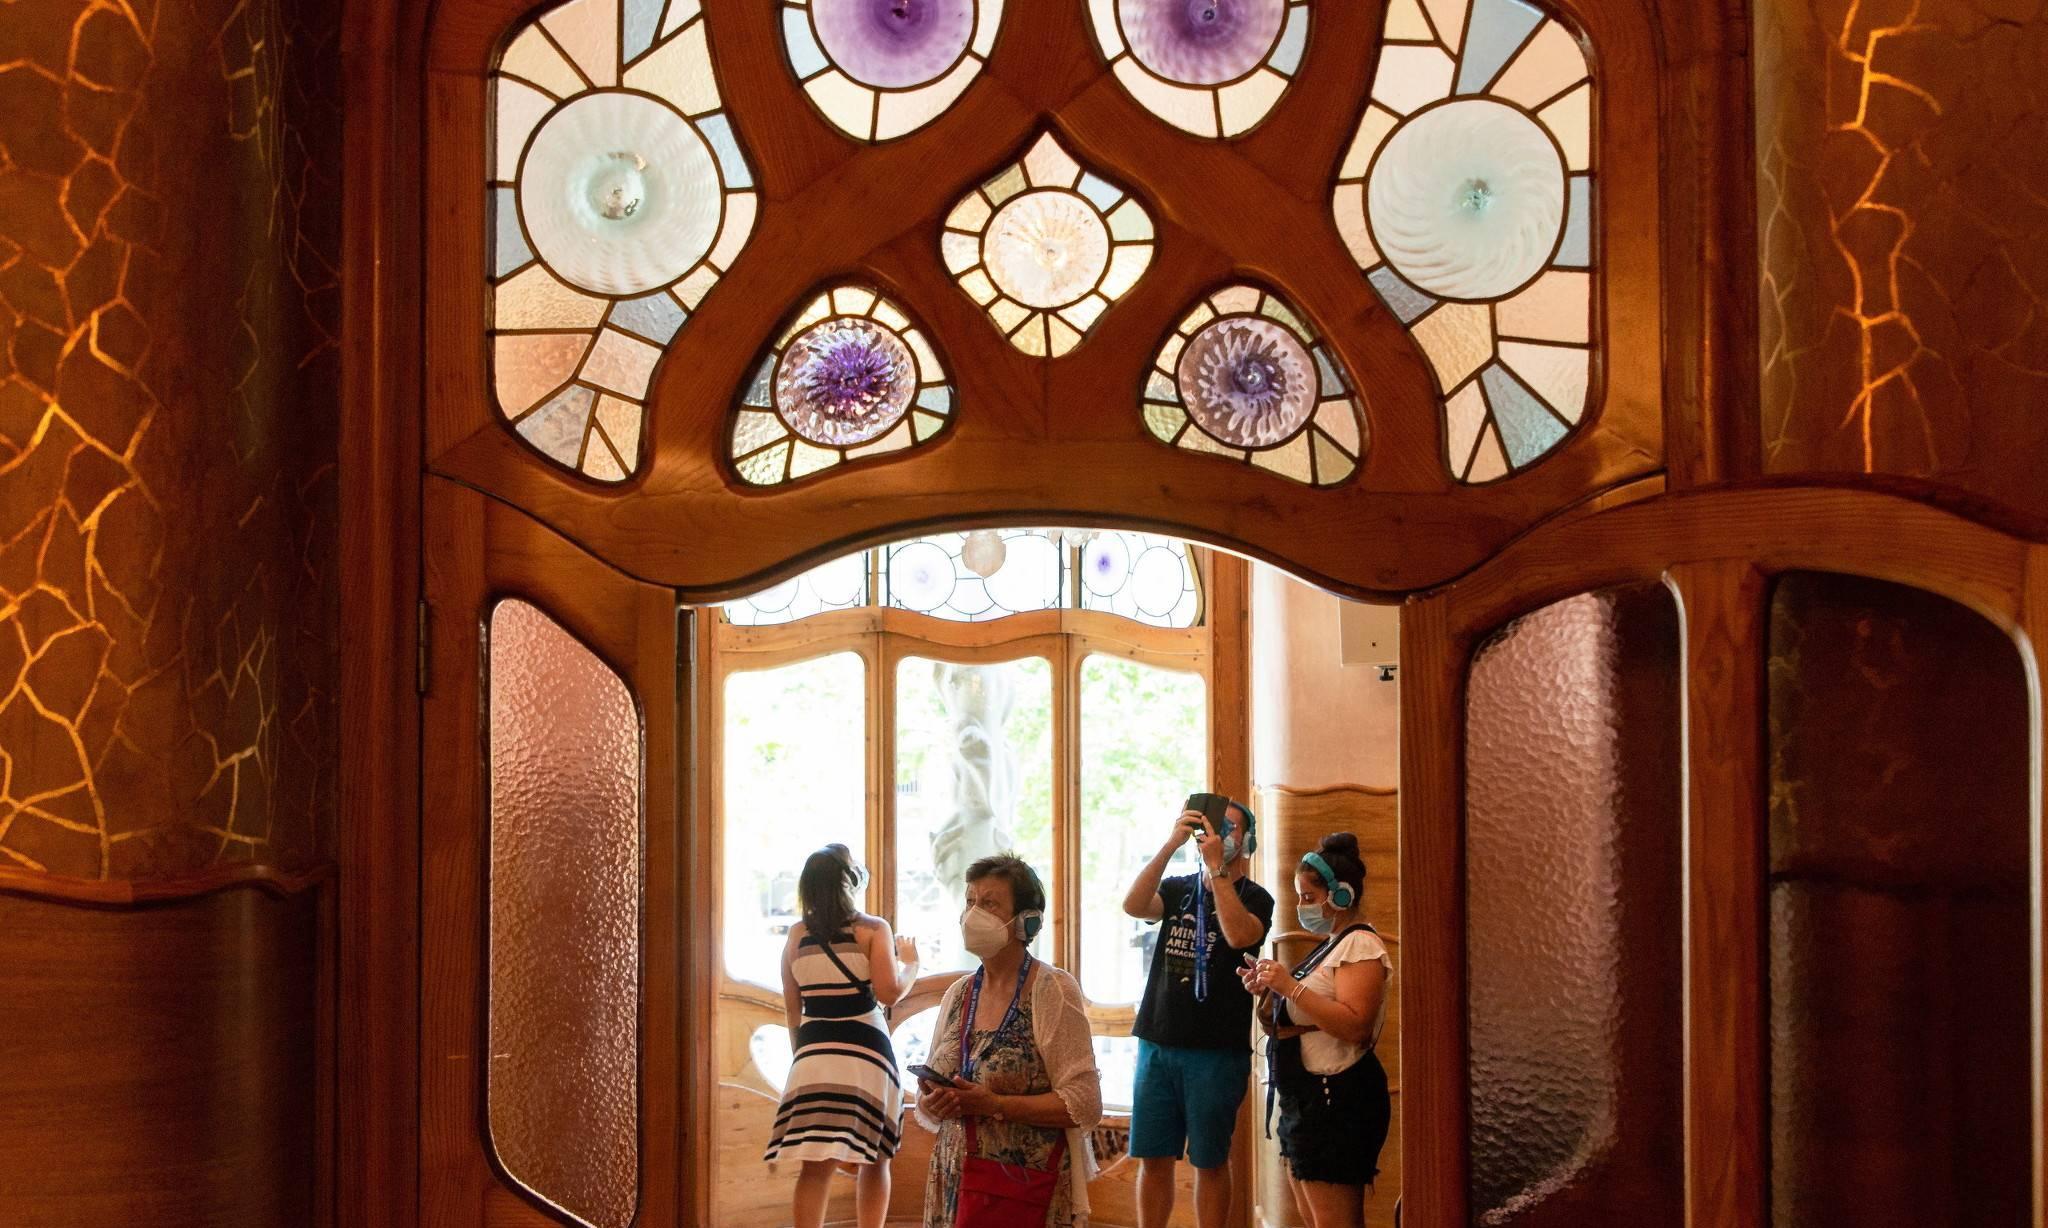 世界文化遗产巴特罗之家重新开放 遇见高迪建筑设计的灵魂